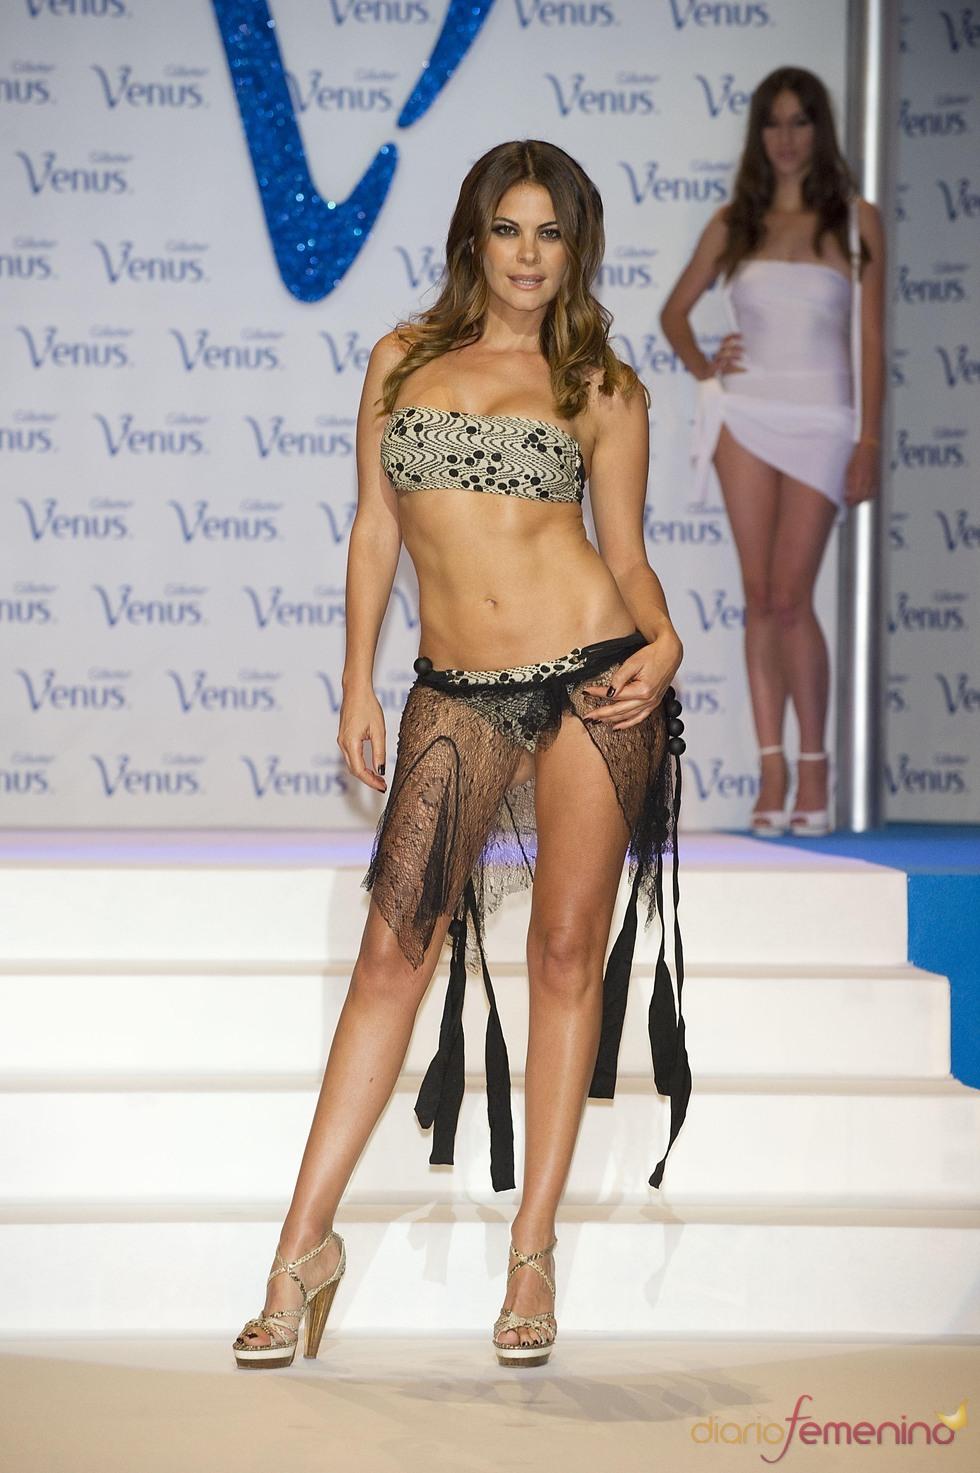 María José Suárez desfila en la pasarela de los Premios Venus de Diseño 2011